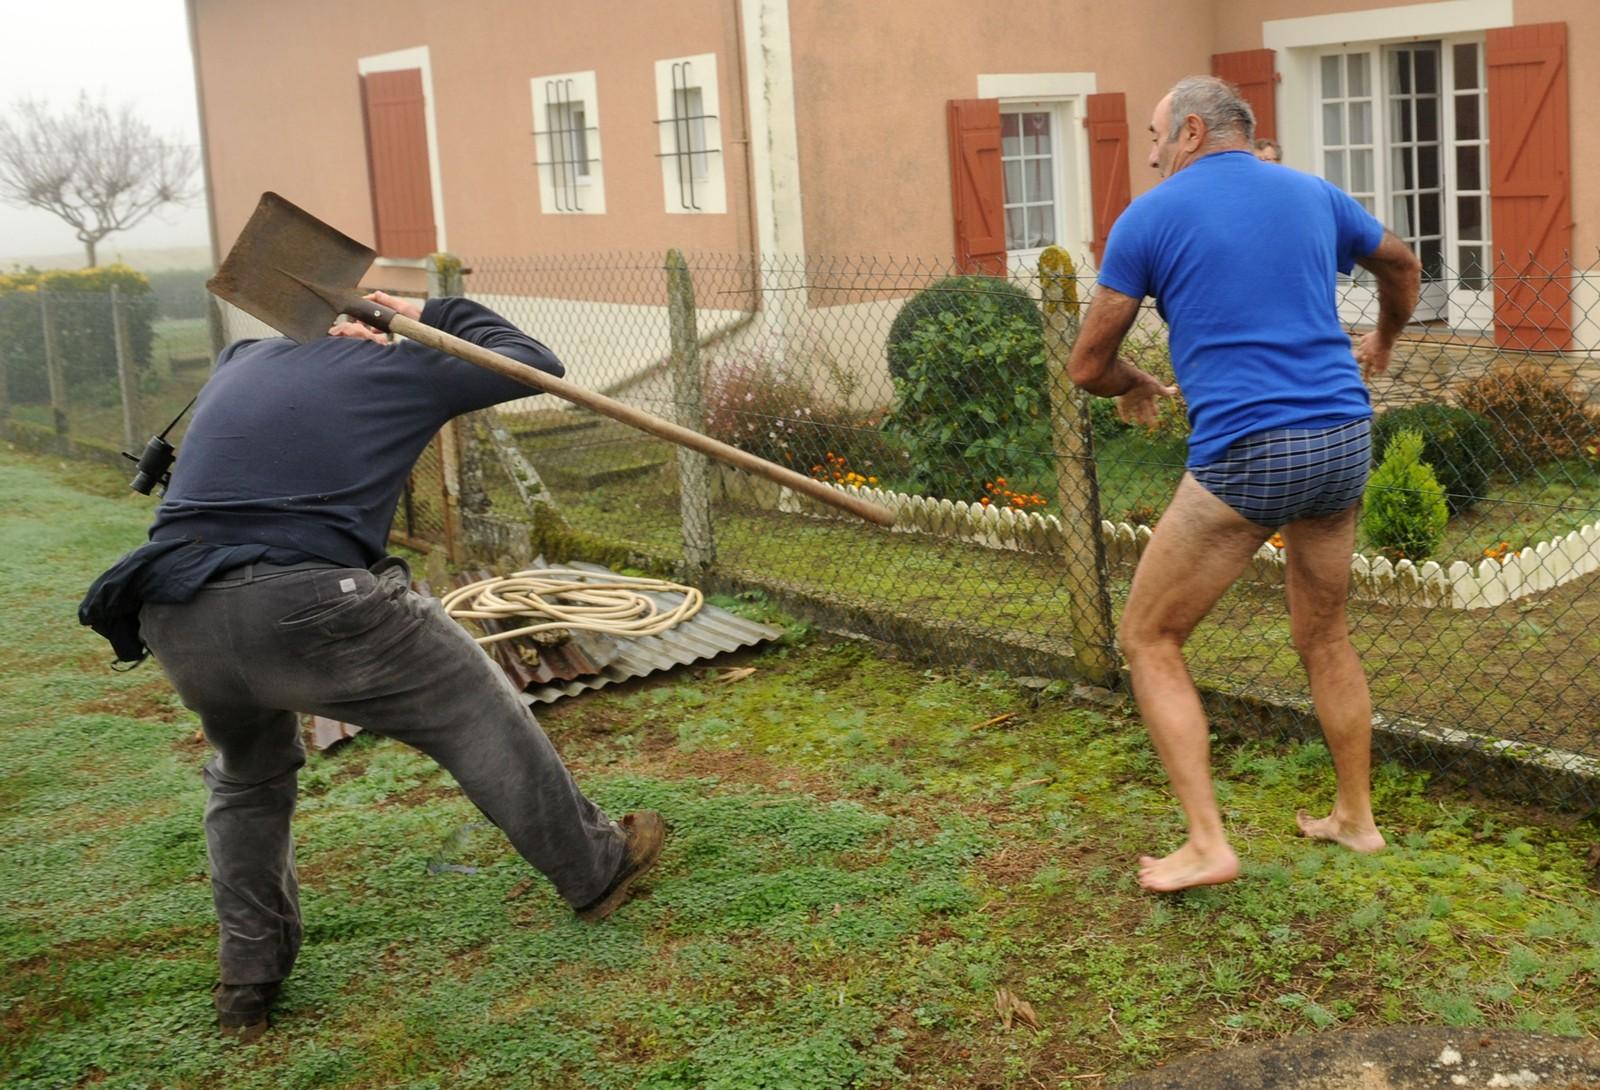 Et medlem av fuglebeskyttelsesorganisajonen LPO (Ligue pour la Protection des Oiseaux) blir angrepet med spade under et besøk hos en mann der det skal være funnet fuglefeller. LPO gikk til aksjon mot flere private adresser etter mistanker om tyvjakt på fink i Audon, sør-vest i Frankrike 9. november.